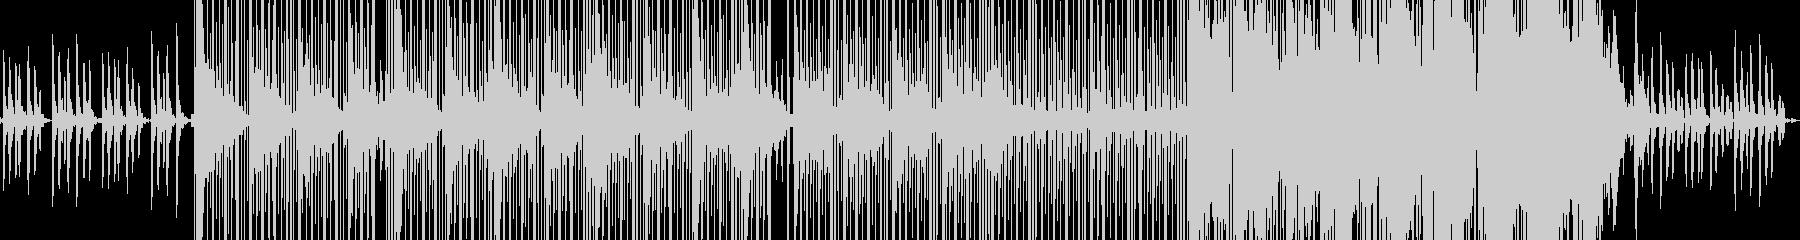 ピアノのスローヒップホップの未再生の波形